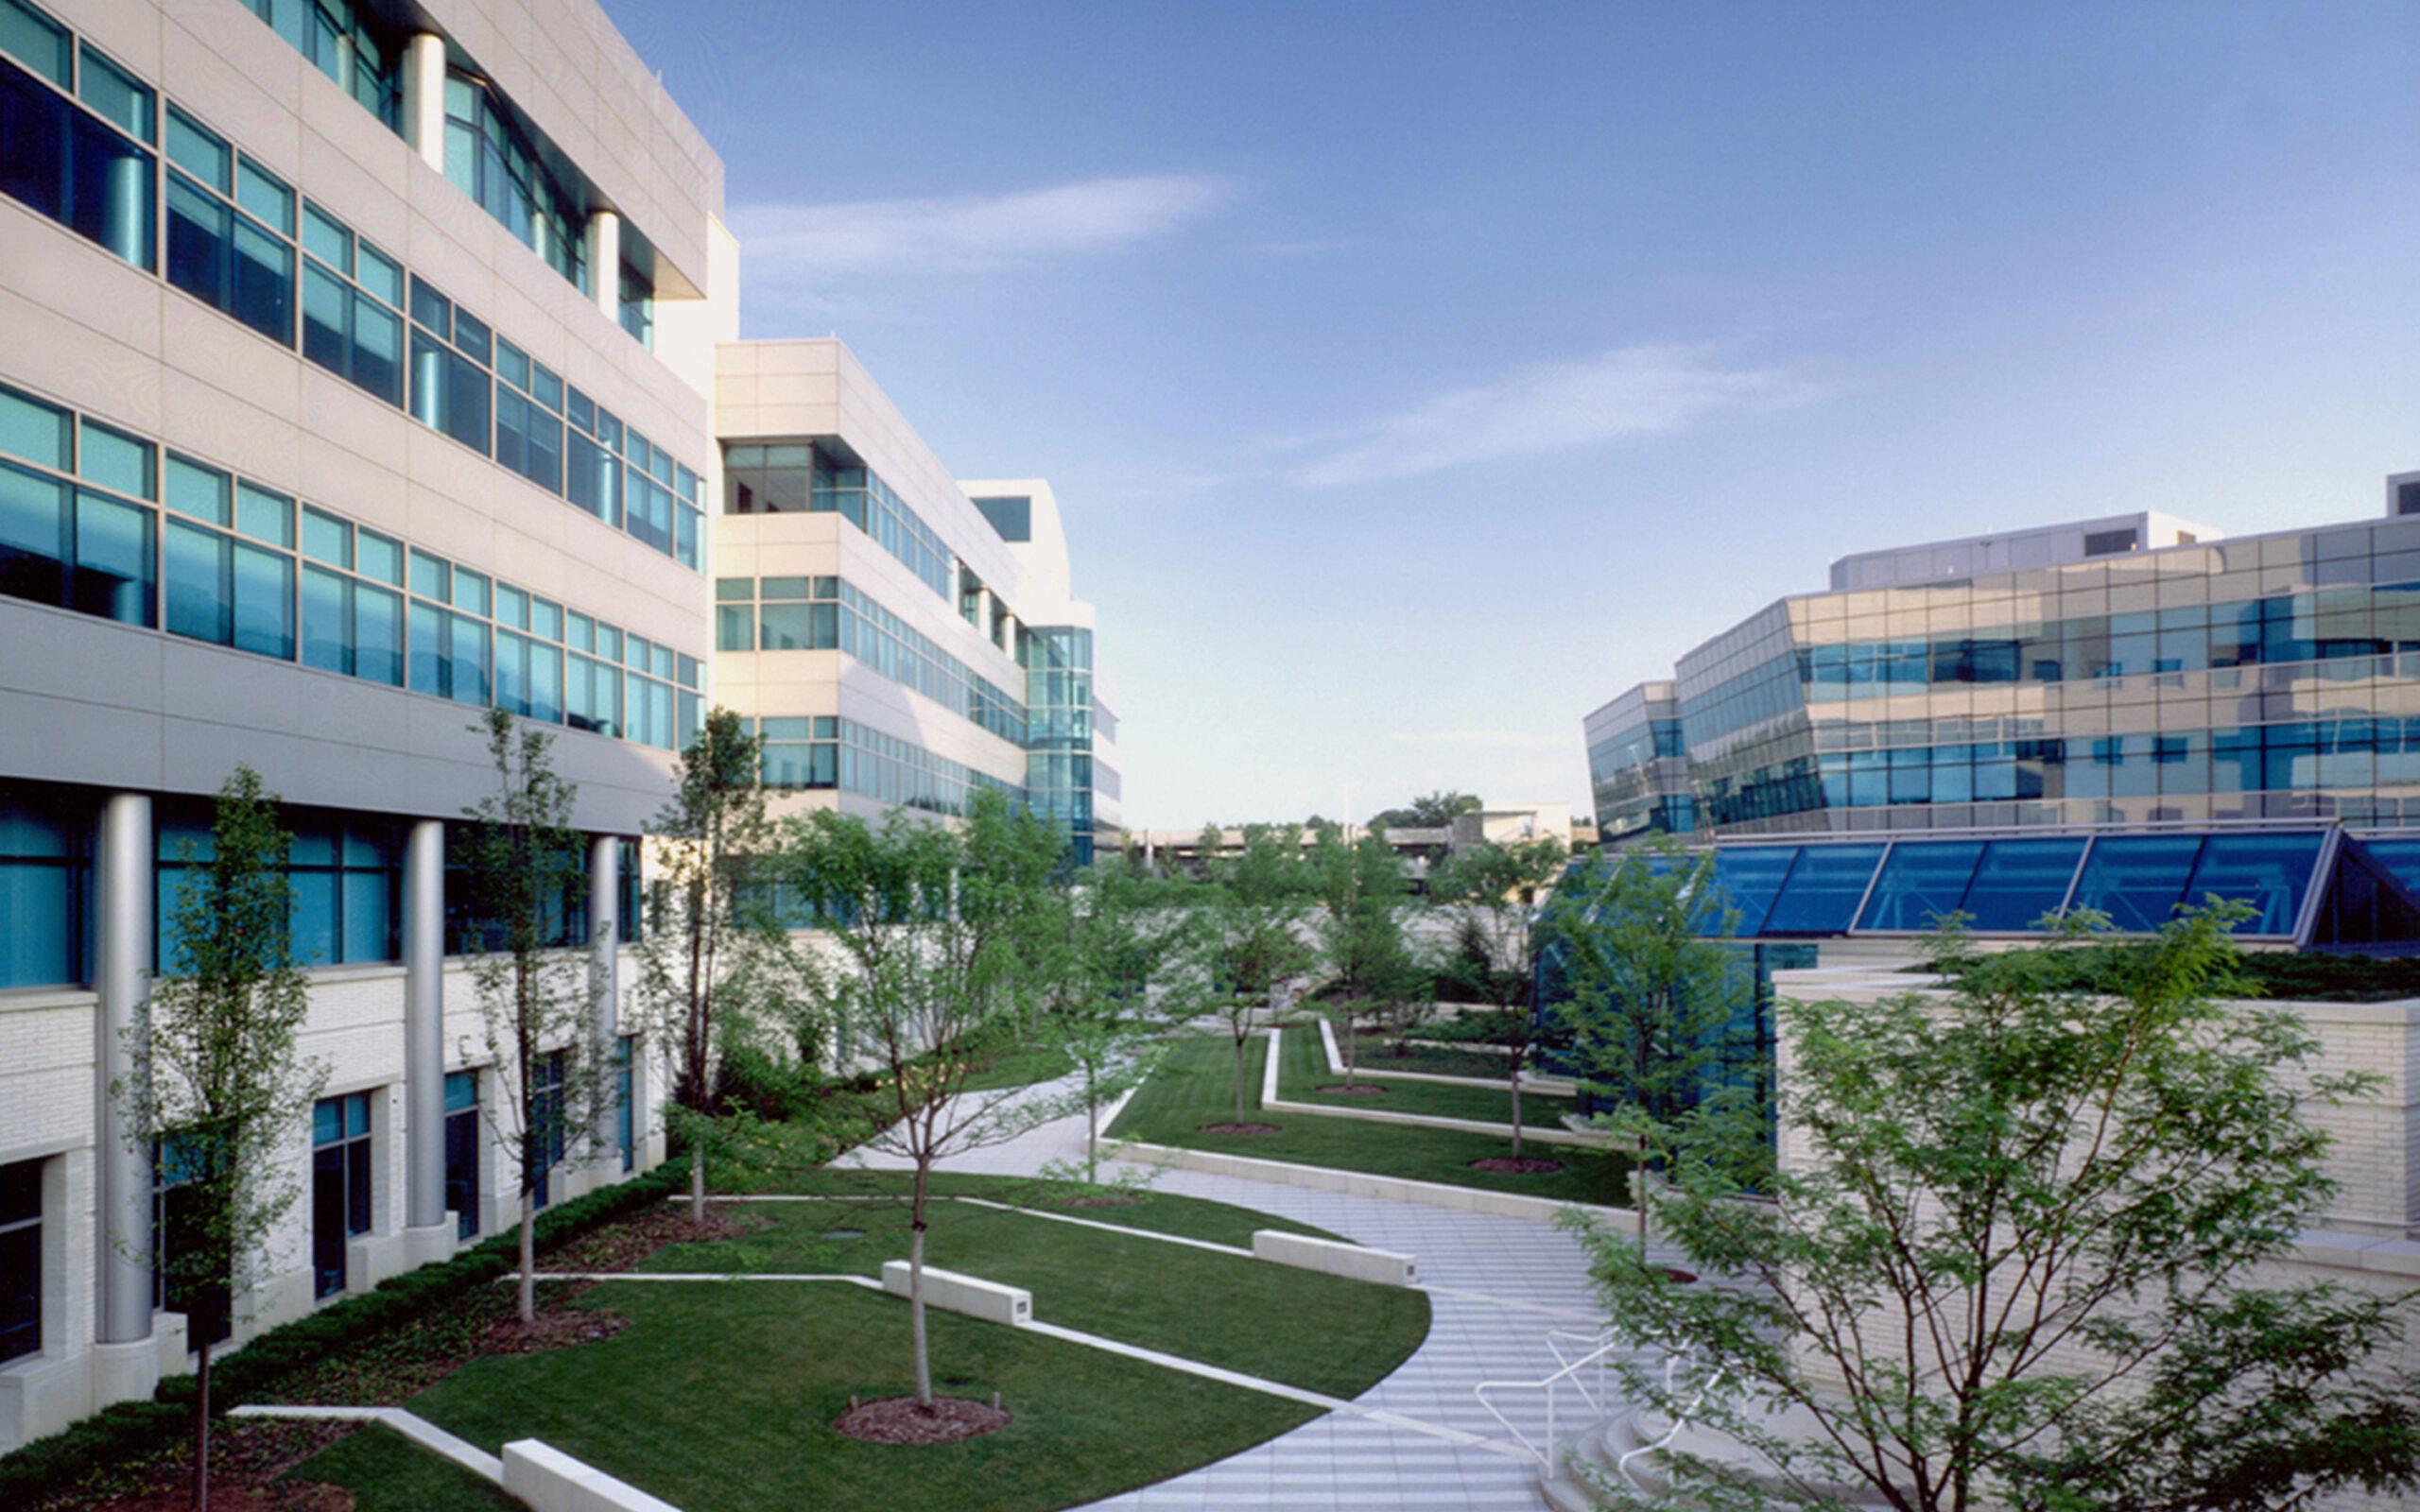 2_Campus1-Gardens2_